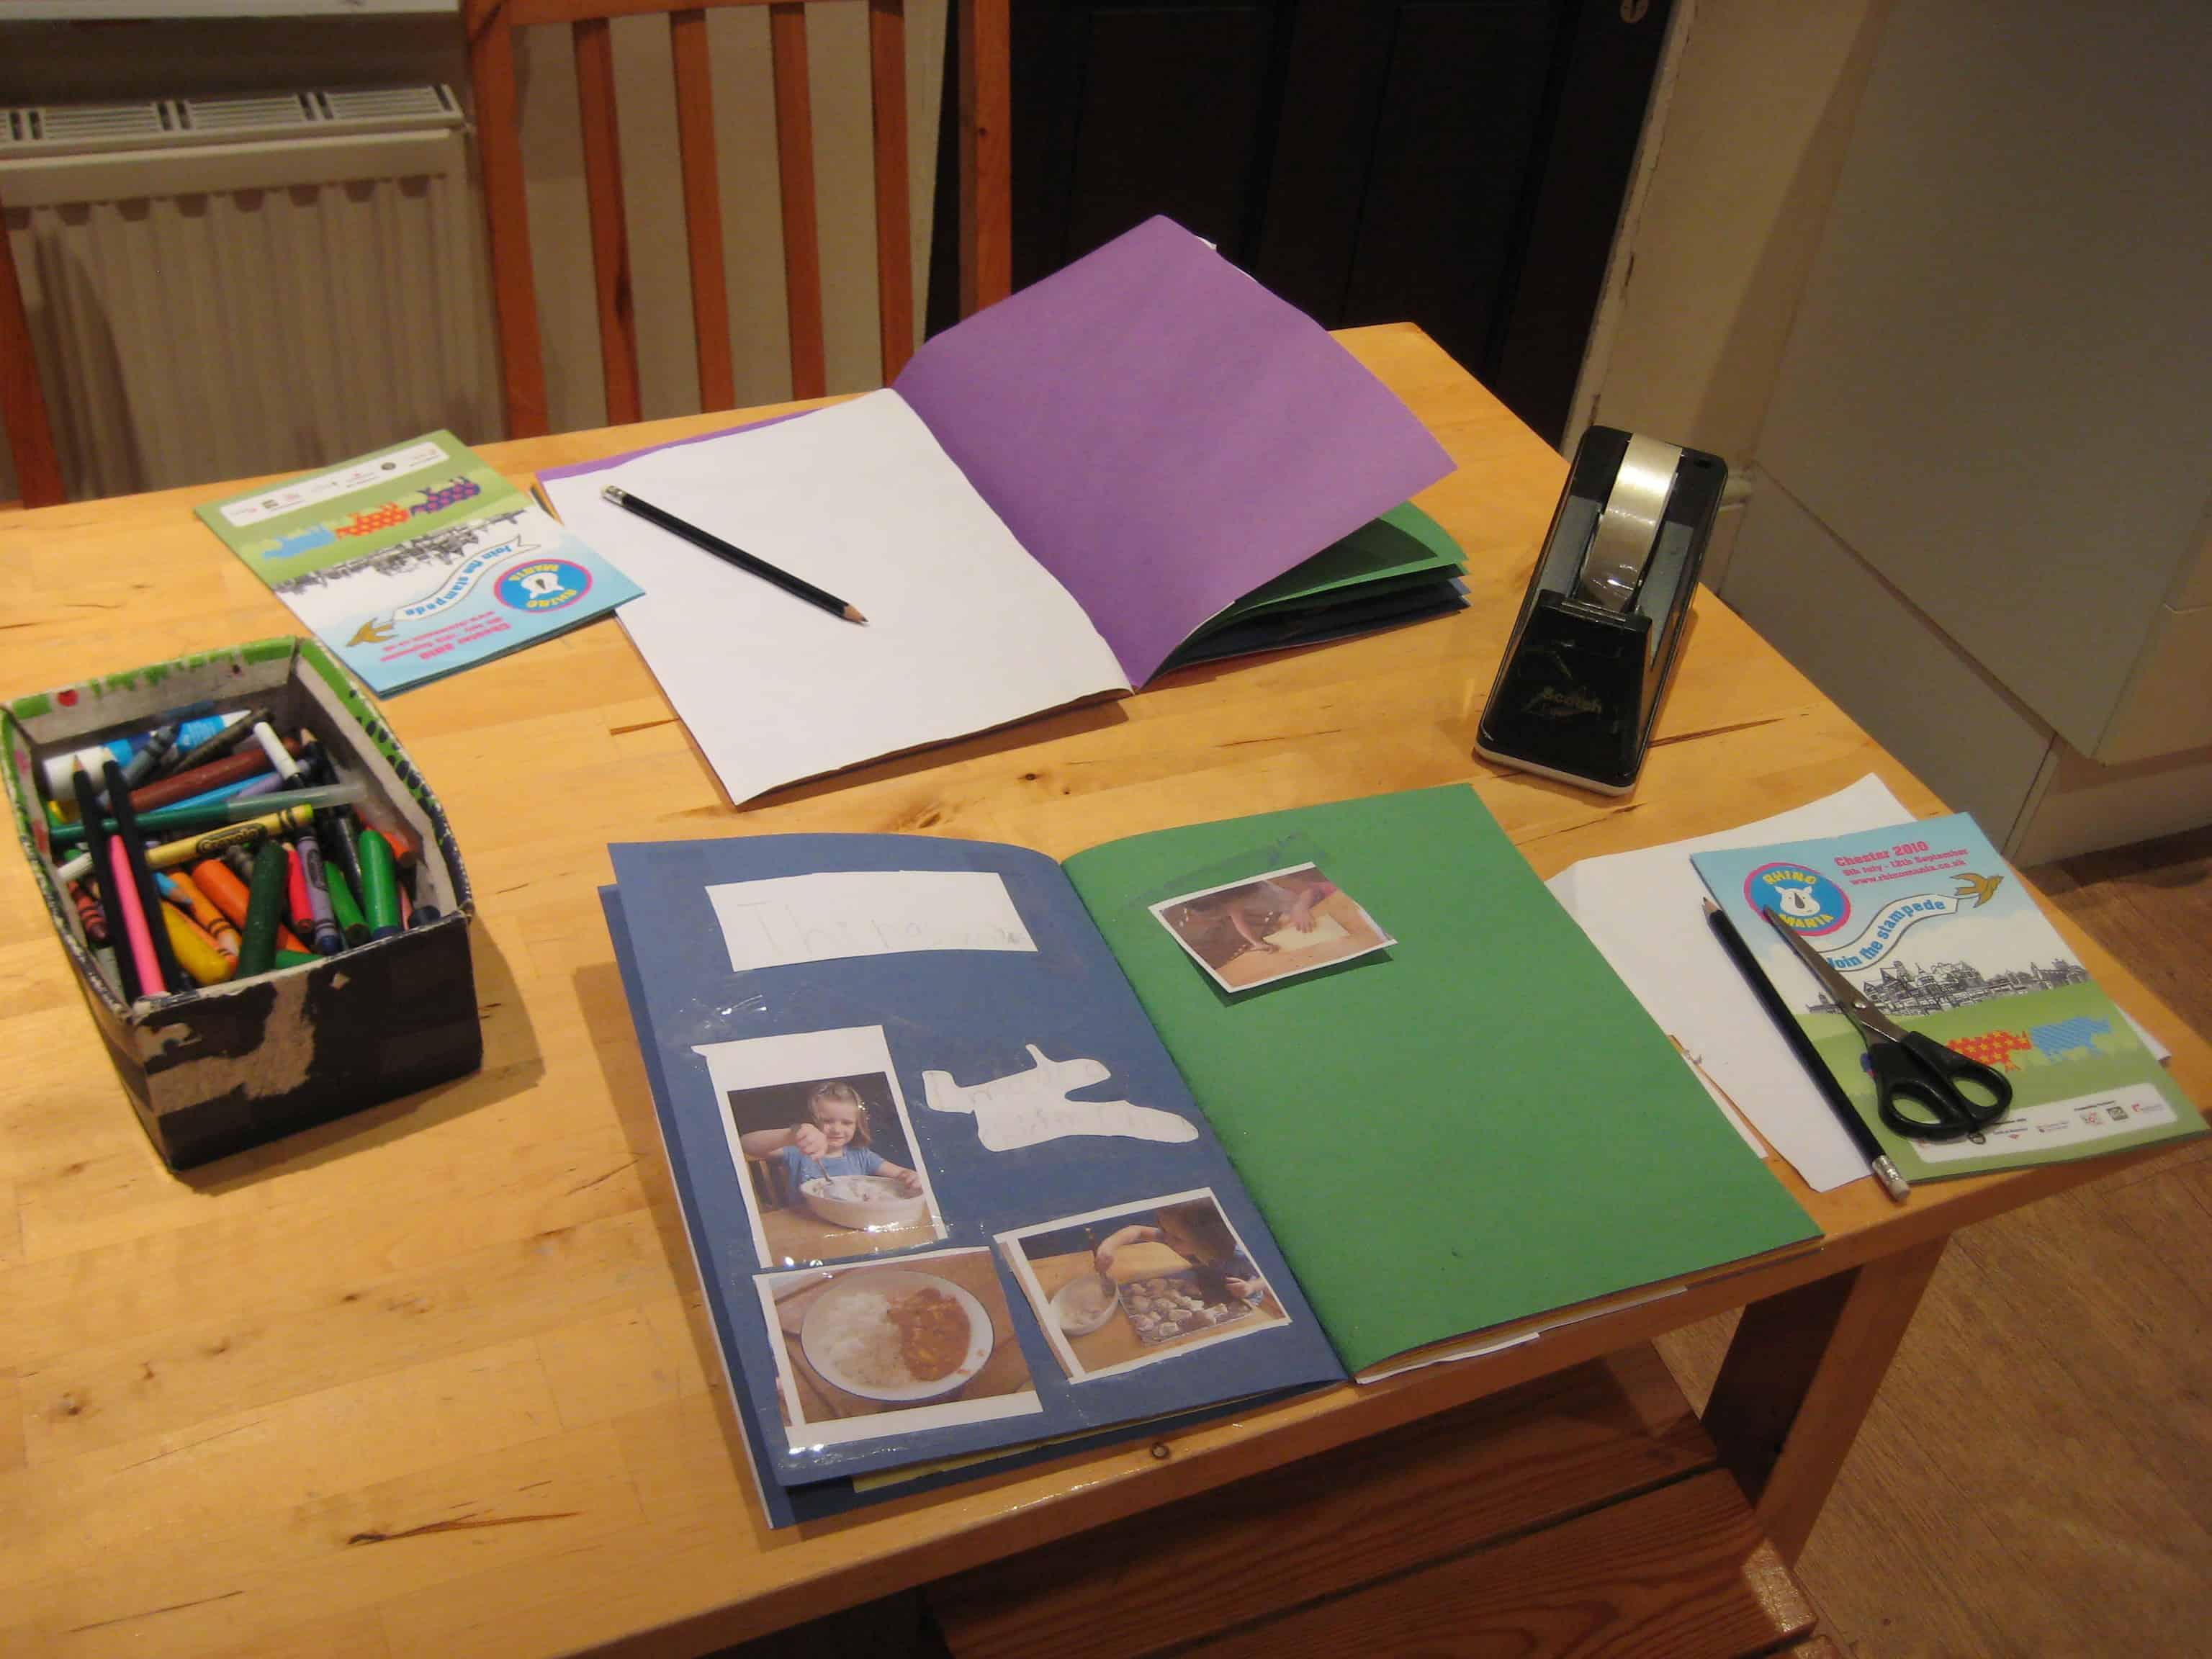 Scrapbook ideas pics - This